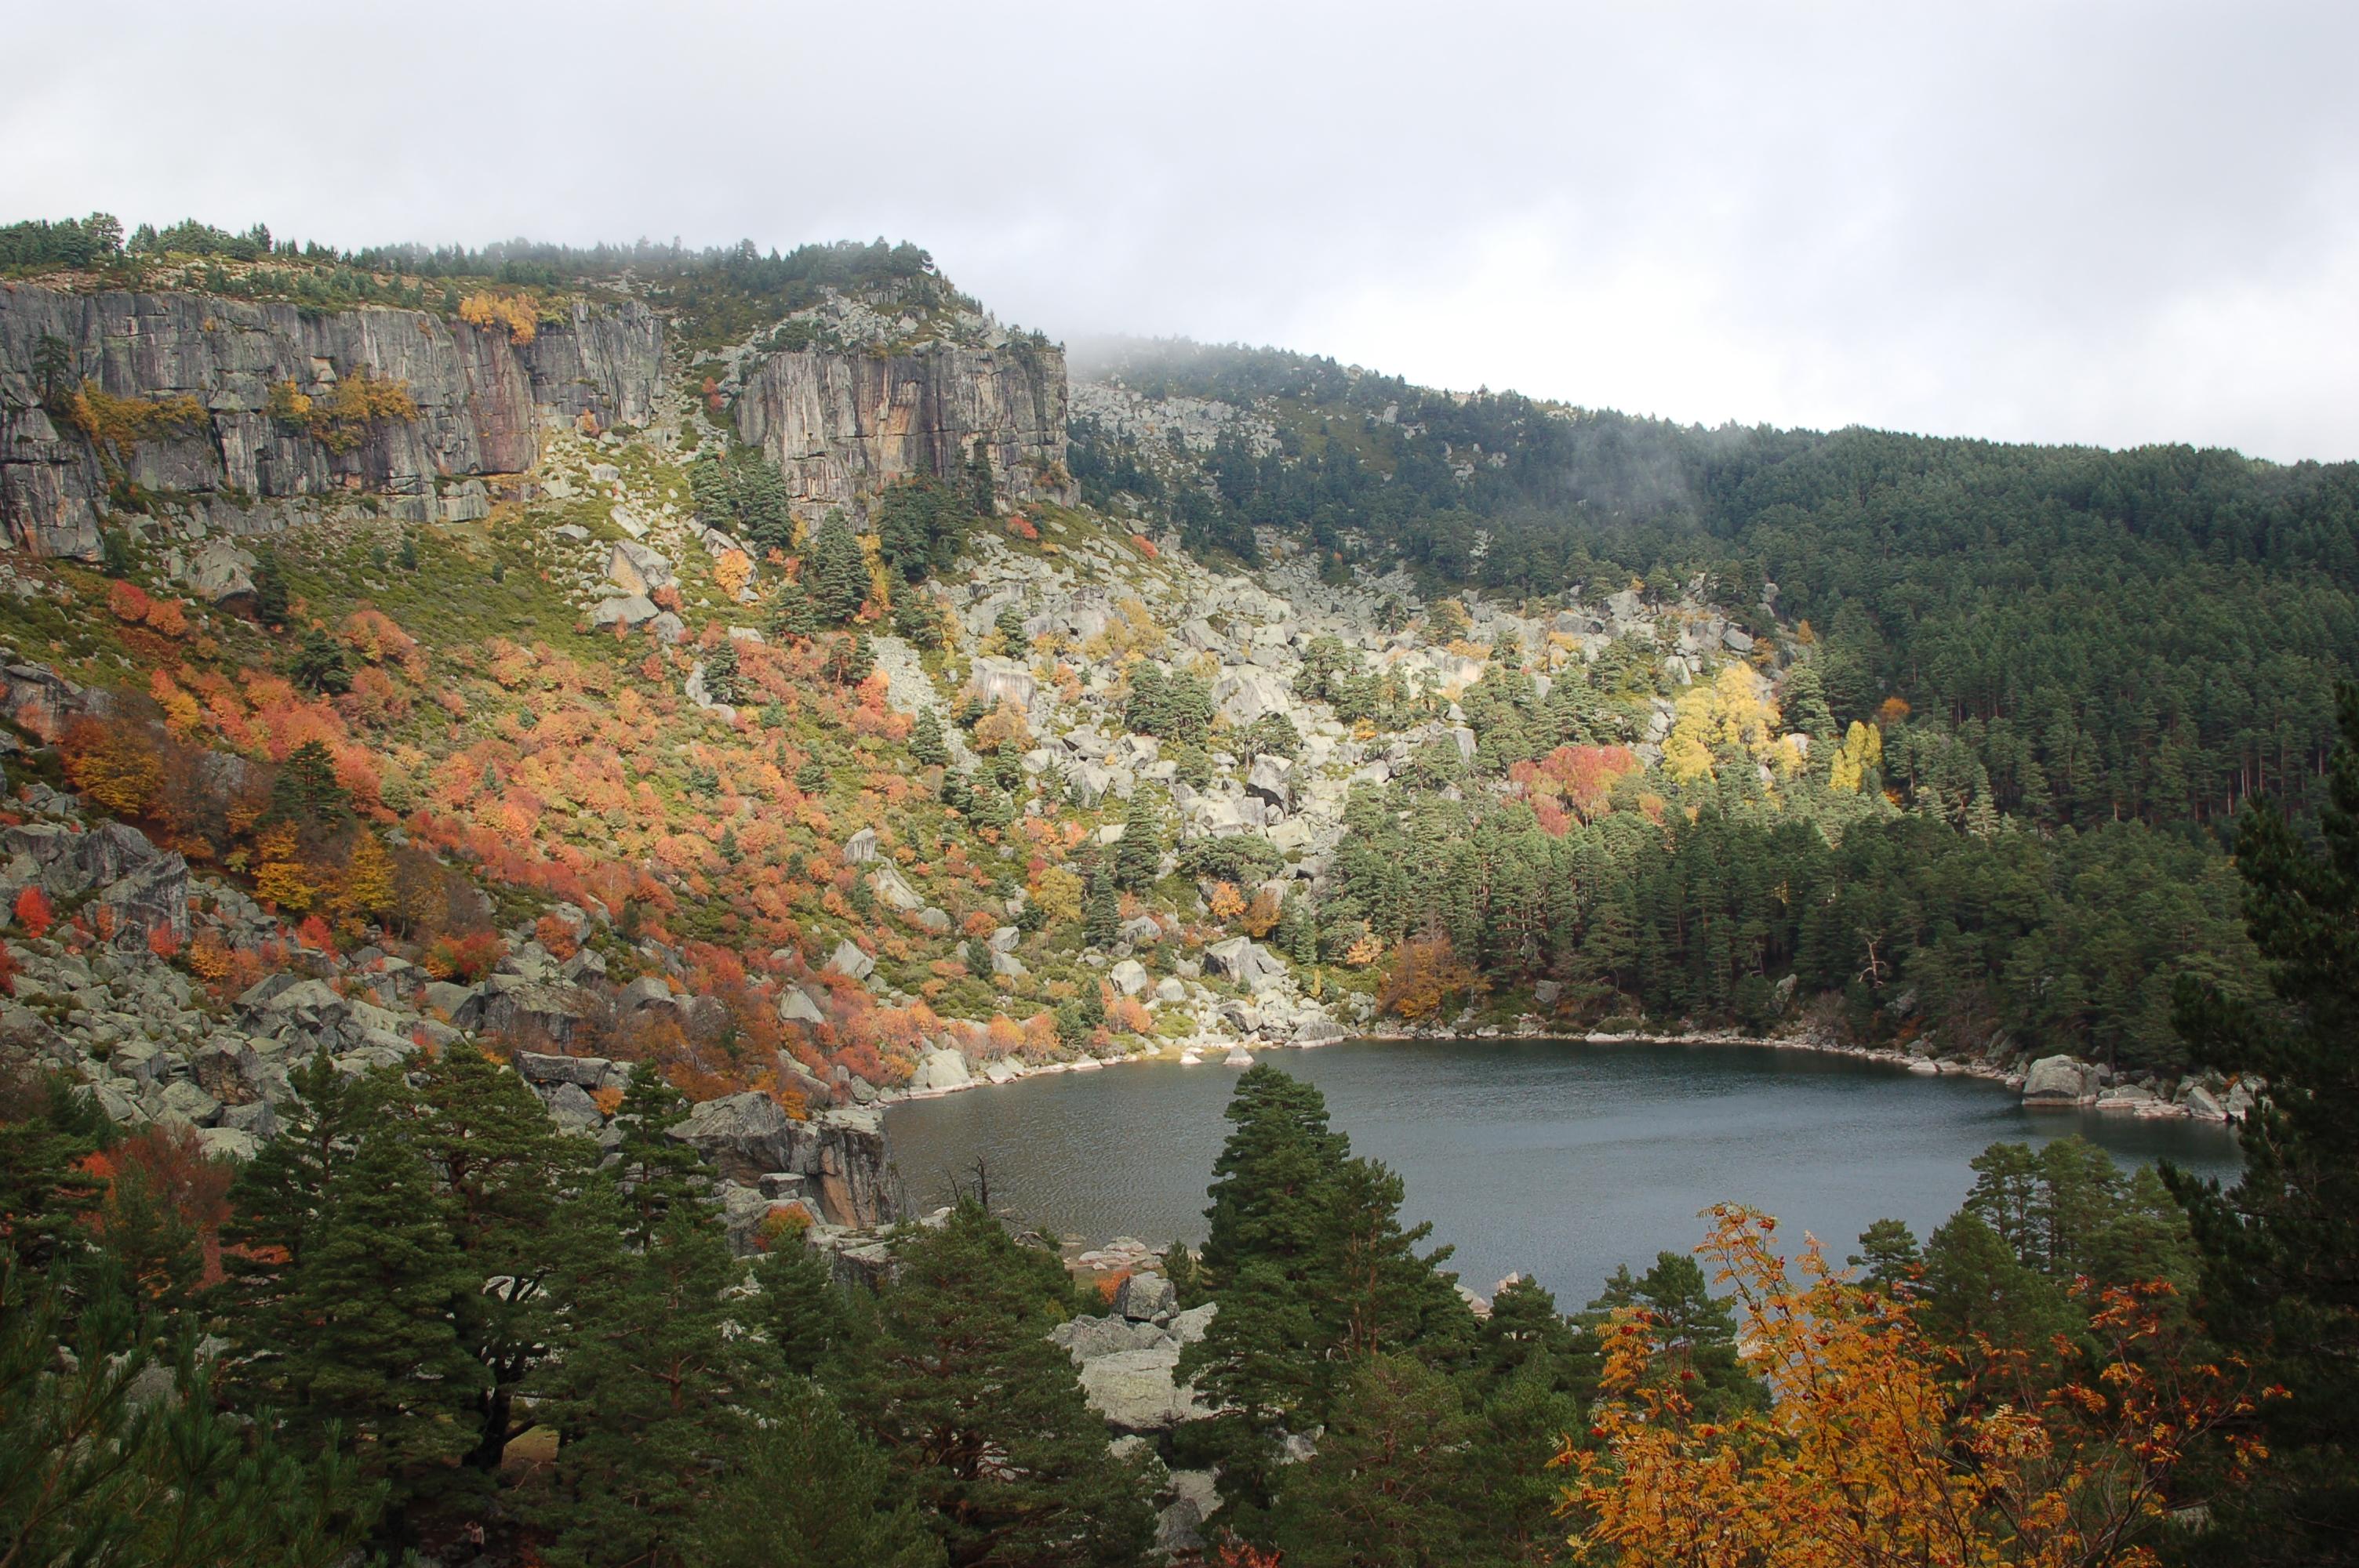 Parque Natural Laguna Negra y los Circos Glaciares de Urbión